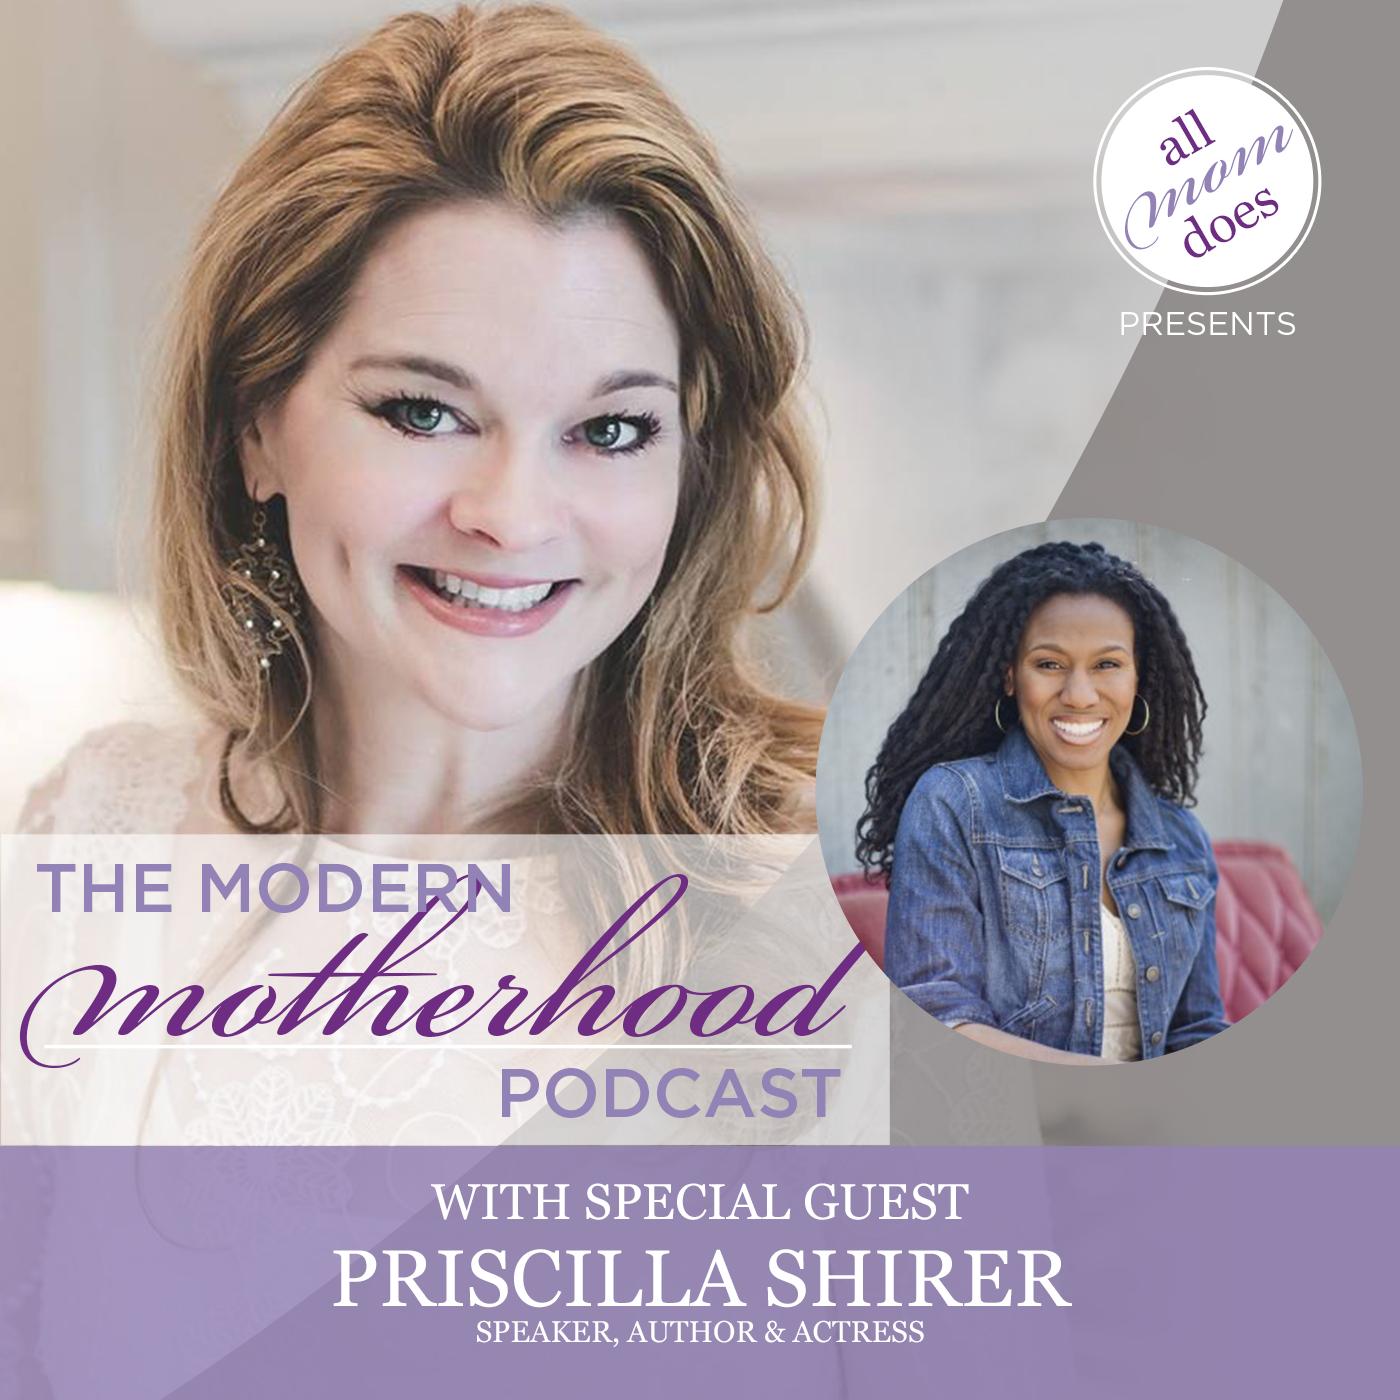 The Modern Motherhood Podcast #13: Priscilla Shirer